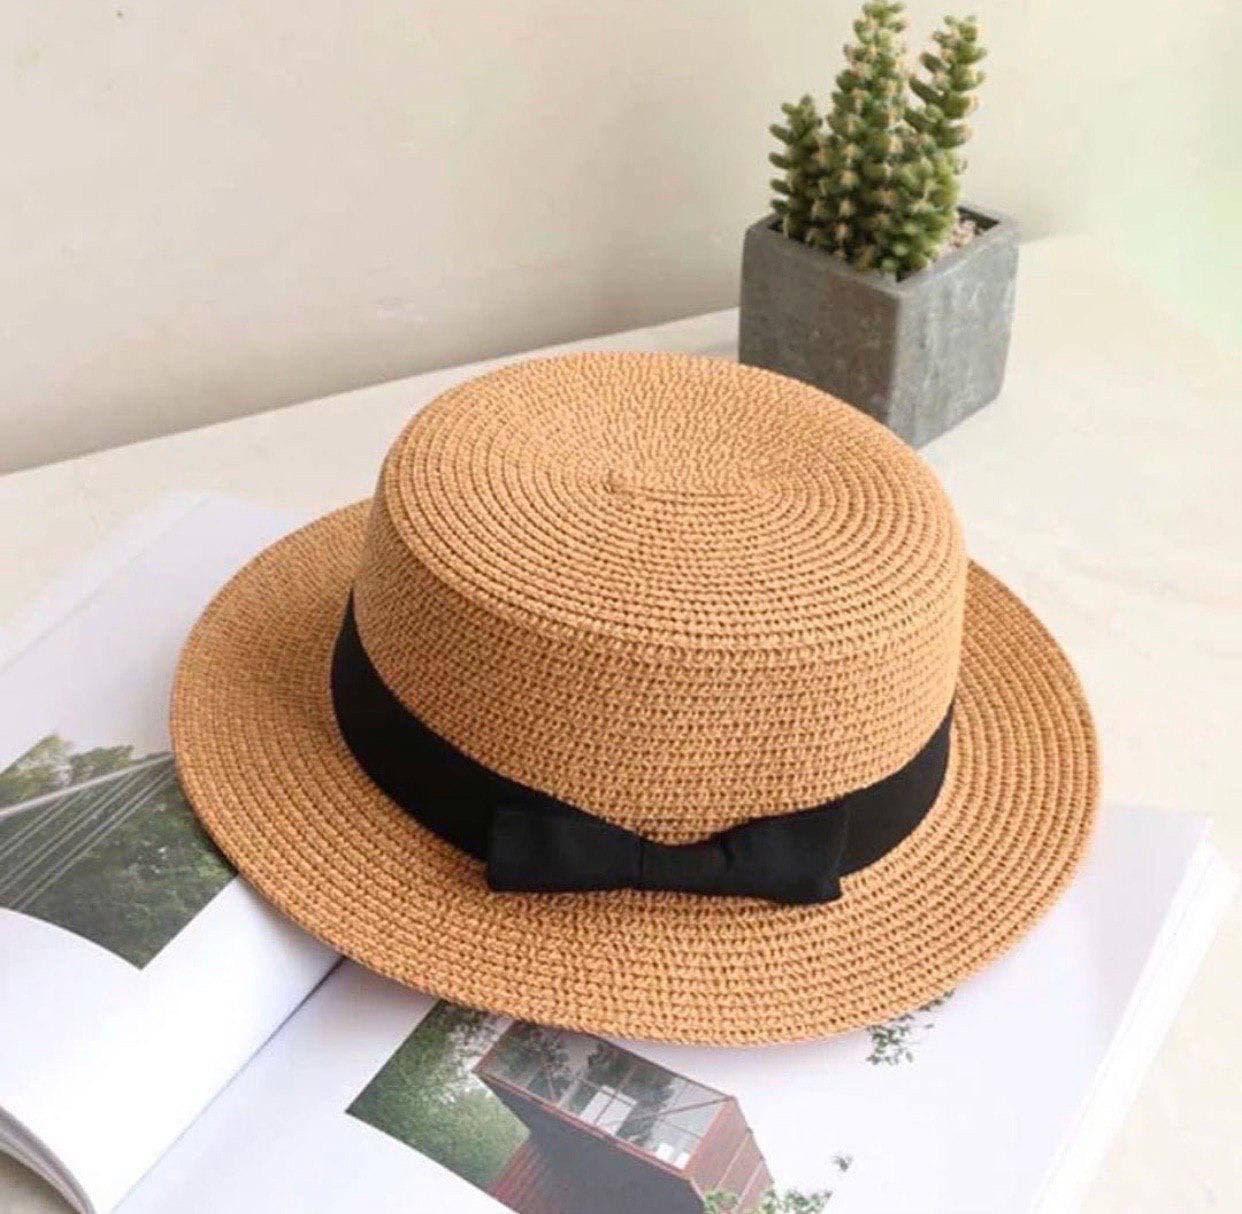 Конотье французька, солом'яний капелюх жорсткої форми з прямими полями